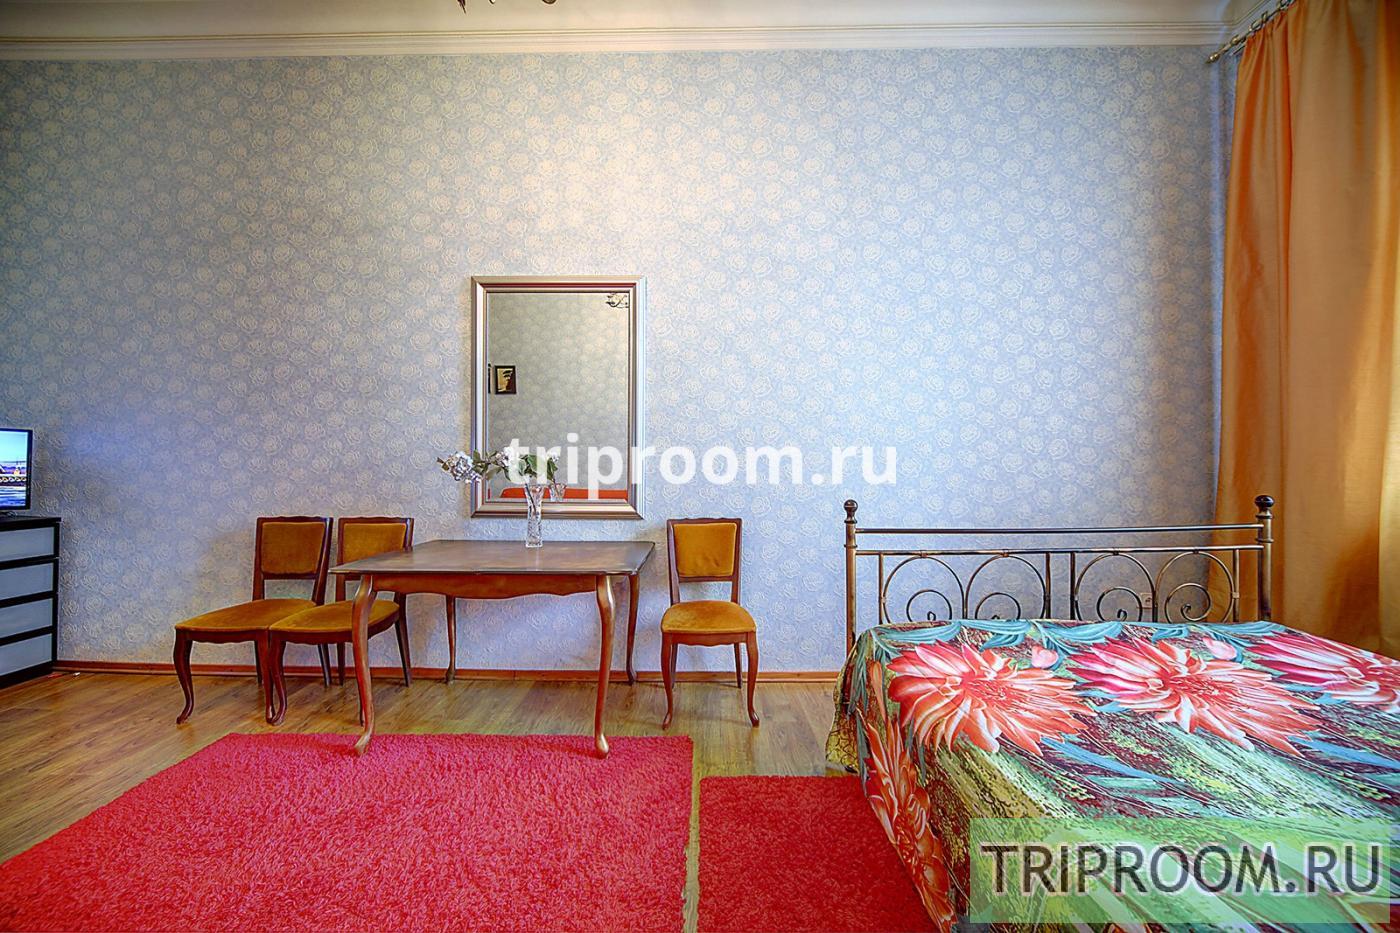 1-комнатная квартира посуточно (вариант № 15424), ул. Итальянская улица, фото № 4